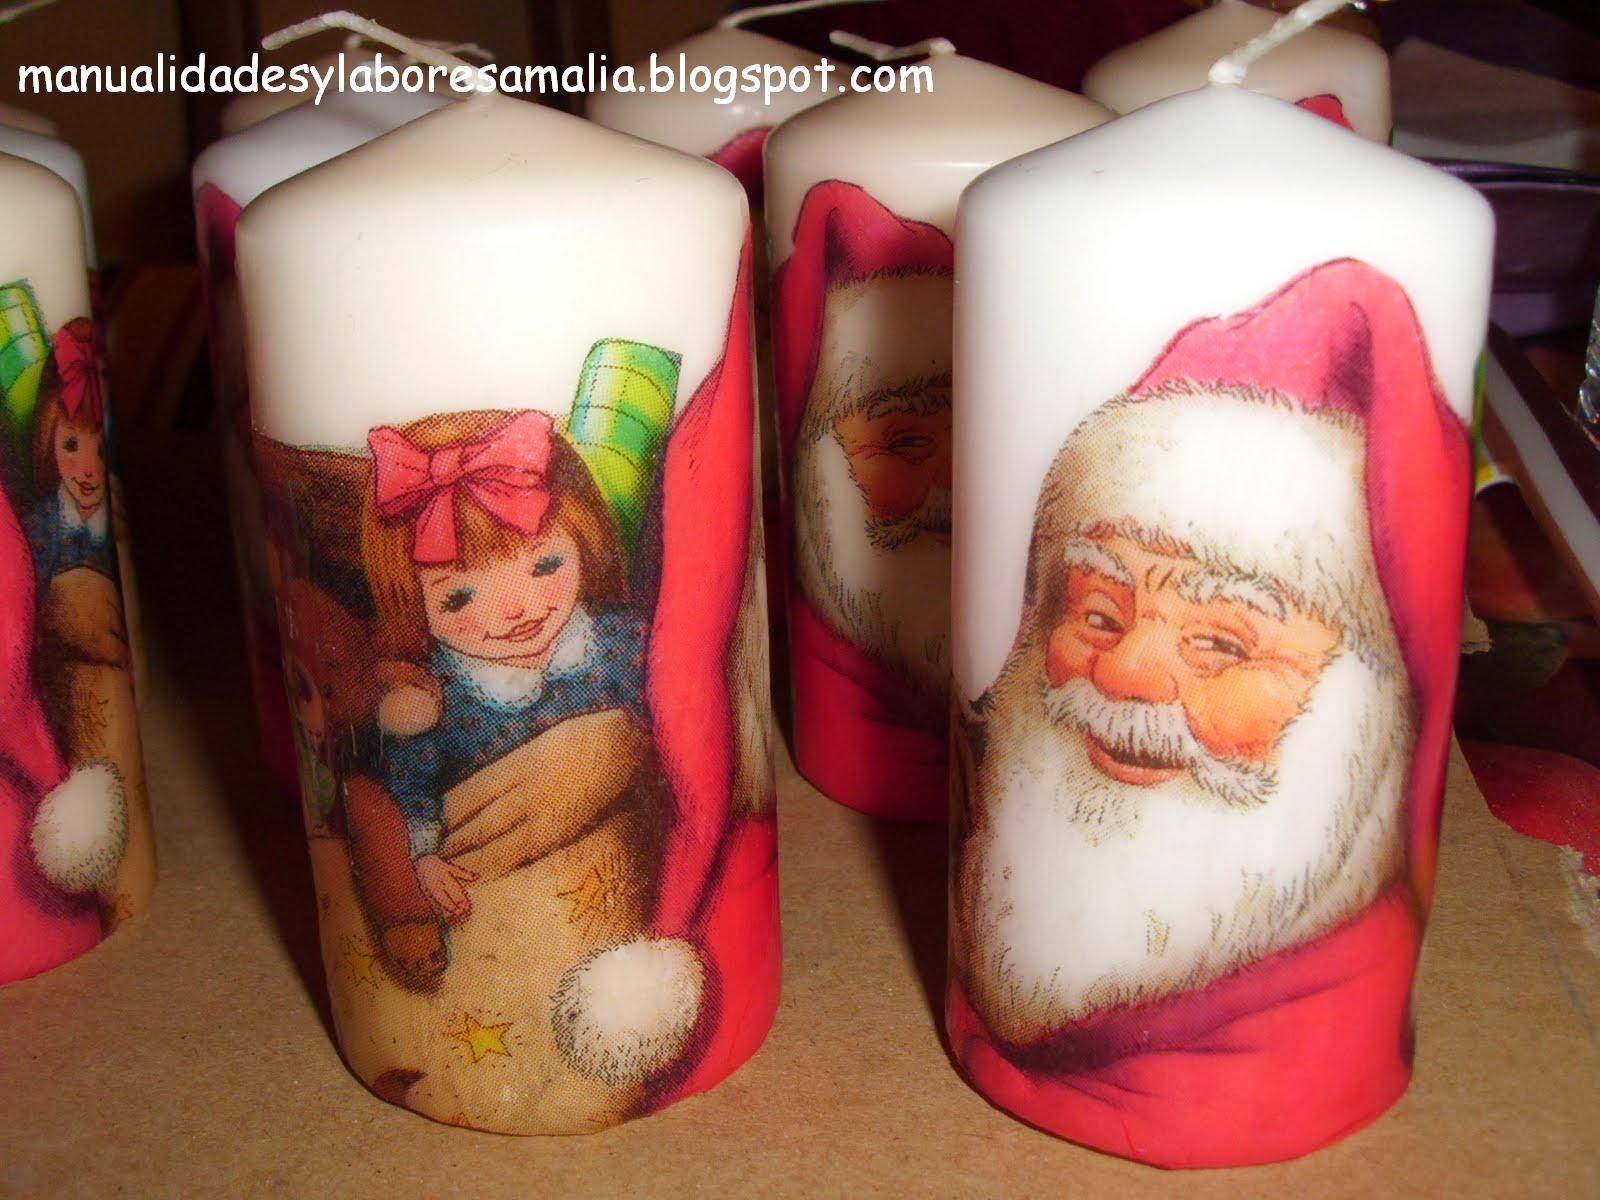 Manualidades y labores amalia feliz navidad velas navide as - Velas decoradas para navidad ...